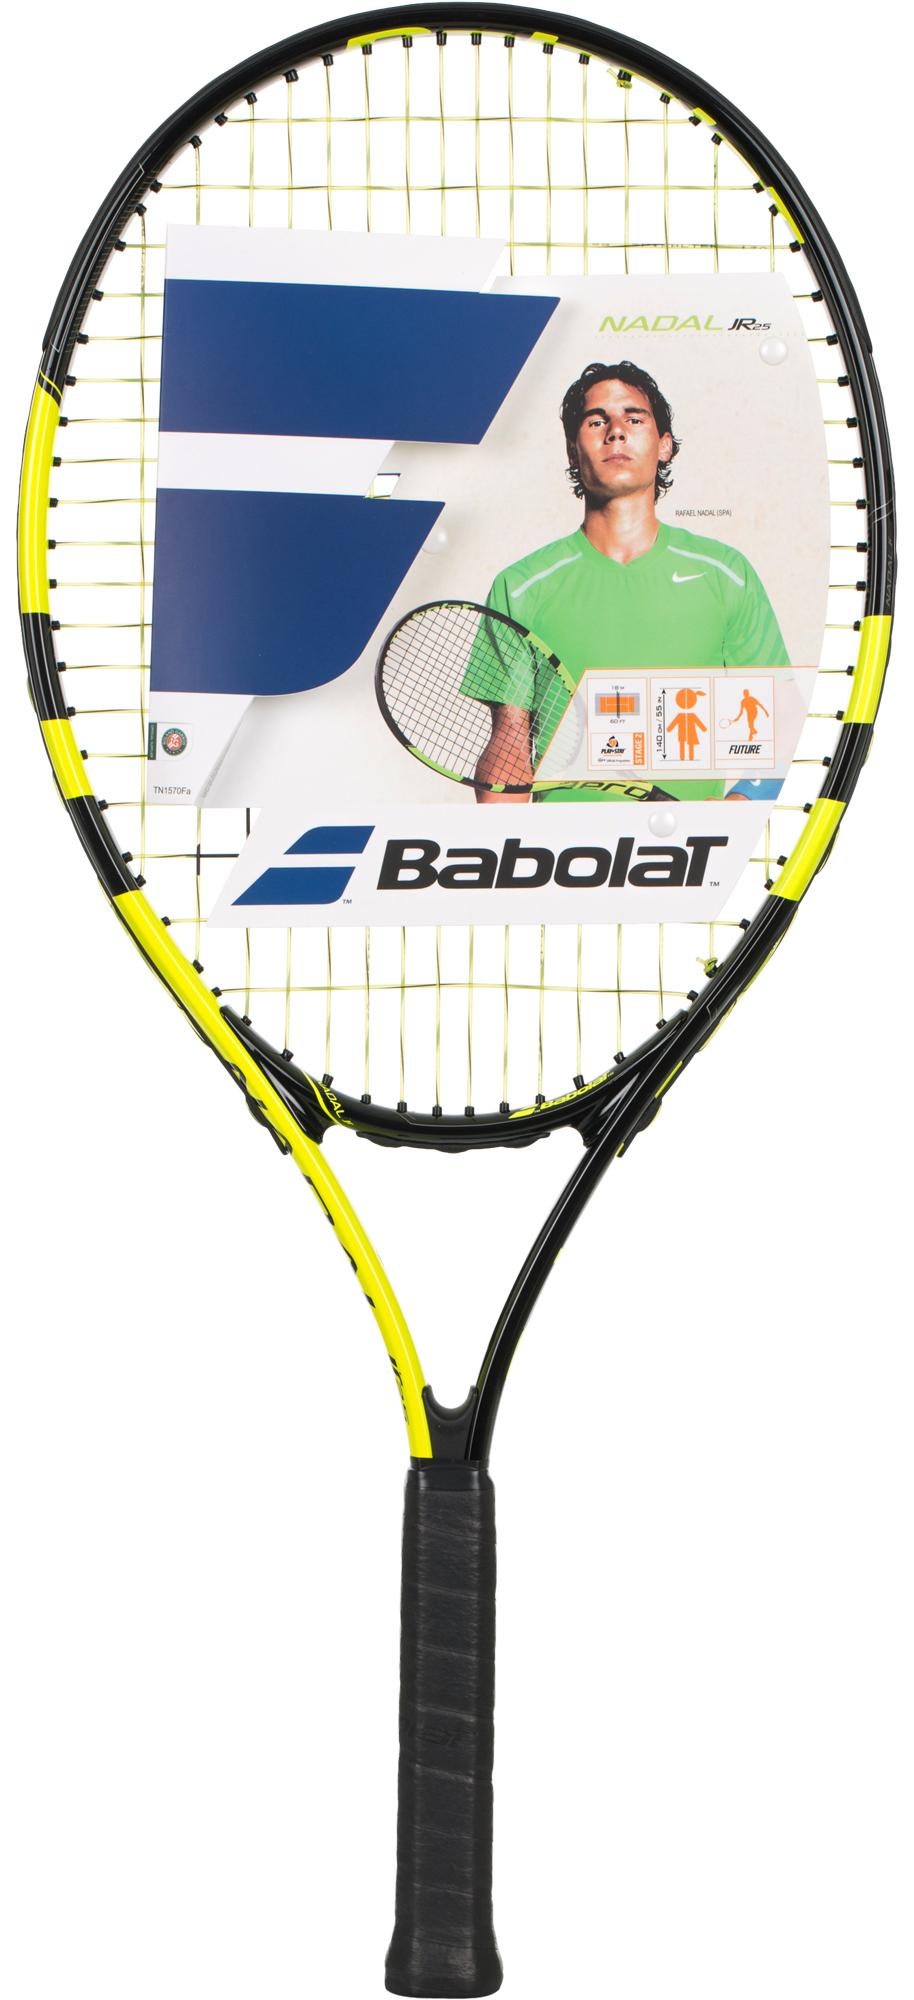 Babolat Ракетка для большого тенниса детская Babolat Nadal Junior 25 babolat ракетка для большого тенниса детская babolat ballfighter 23